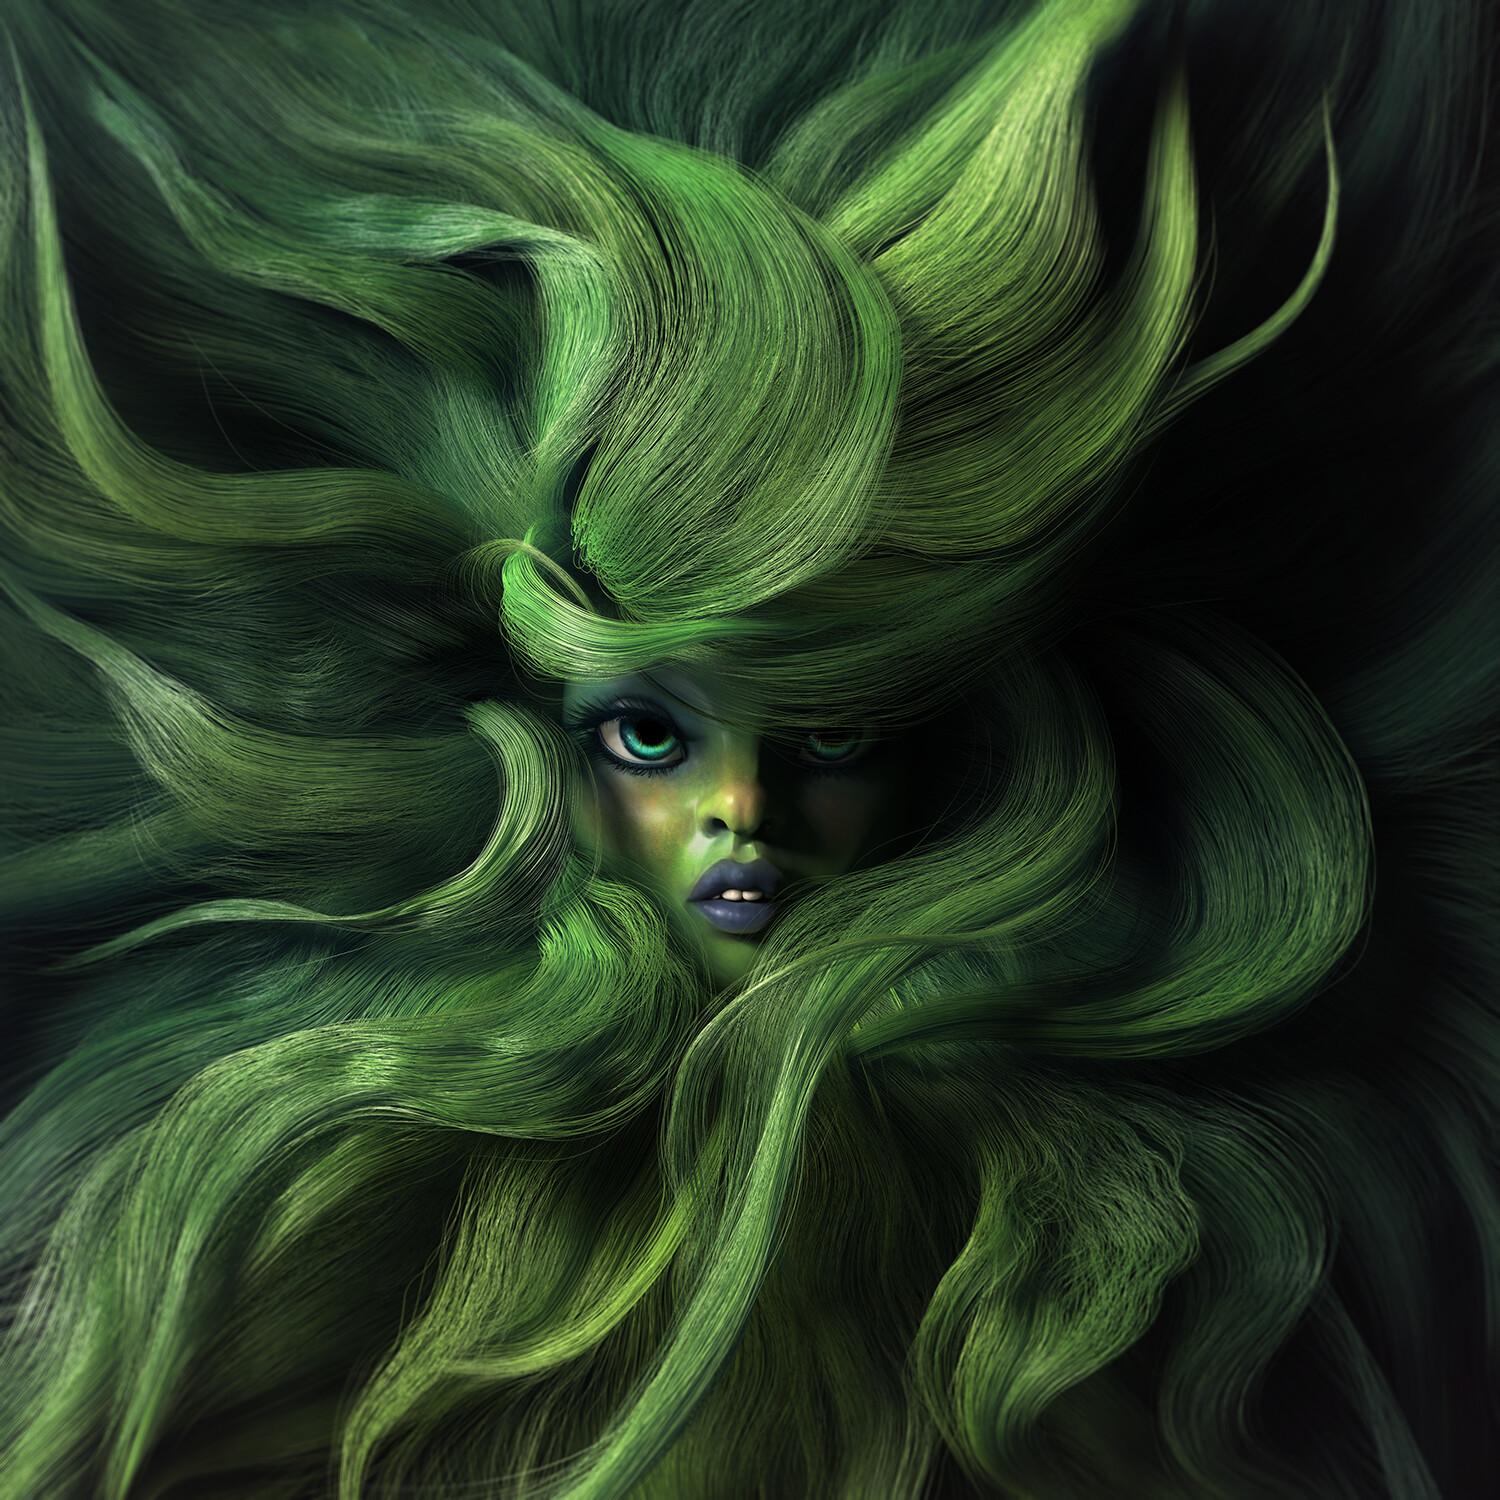 Green waves final comp